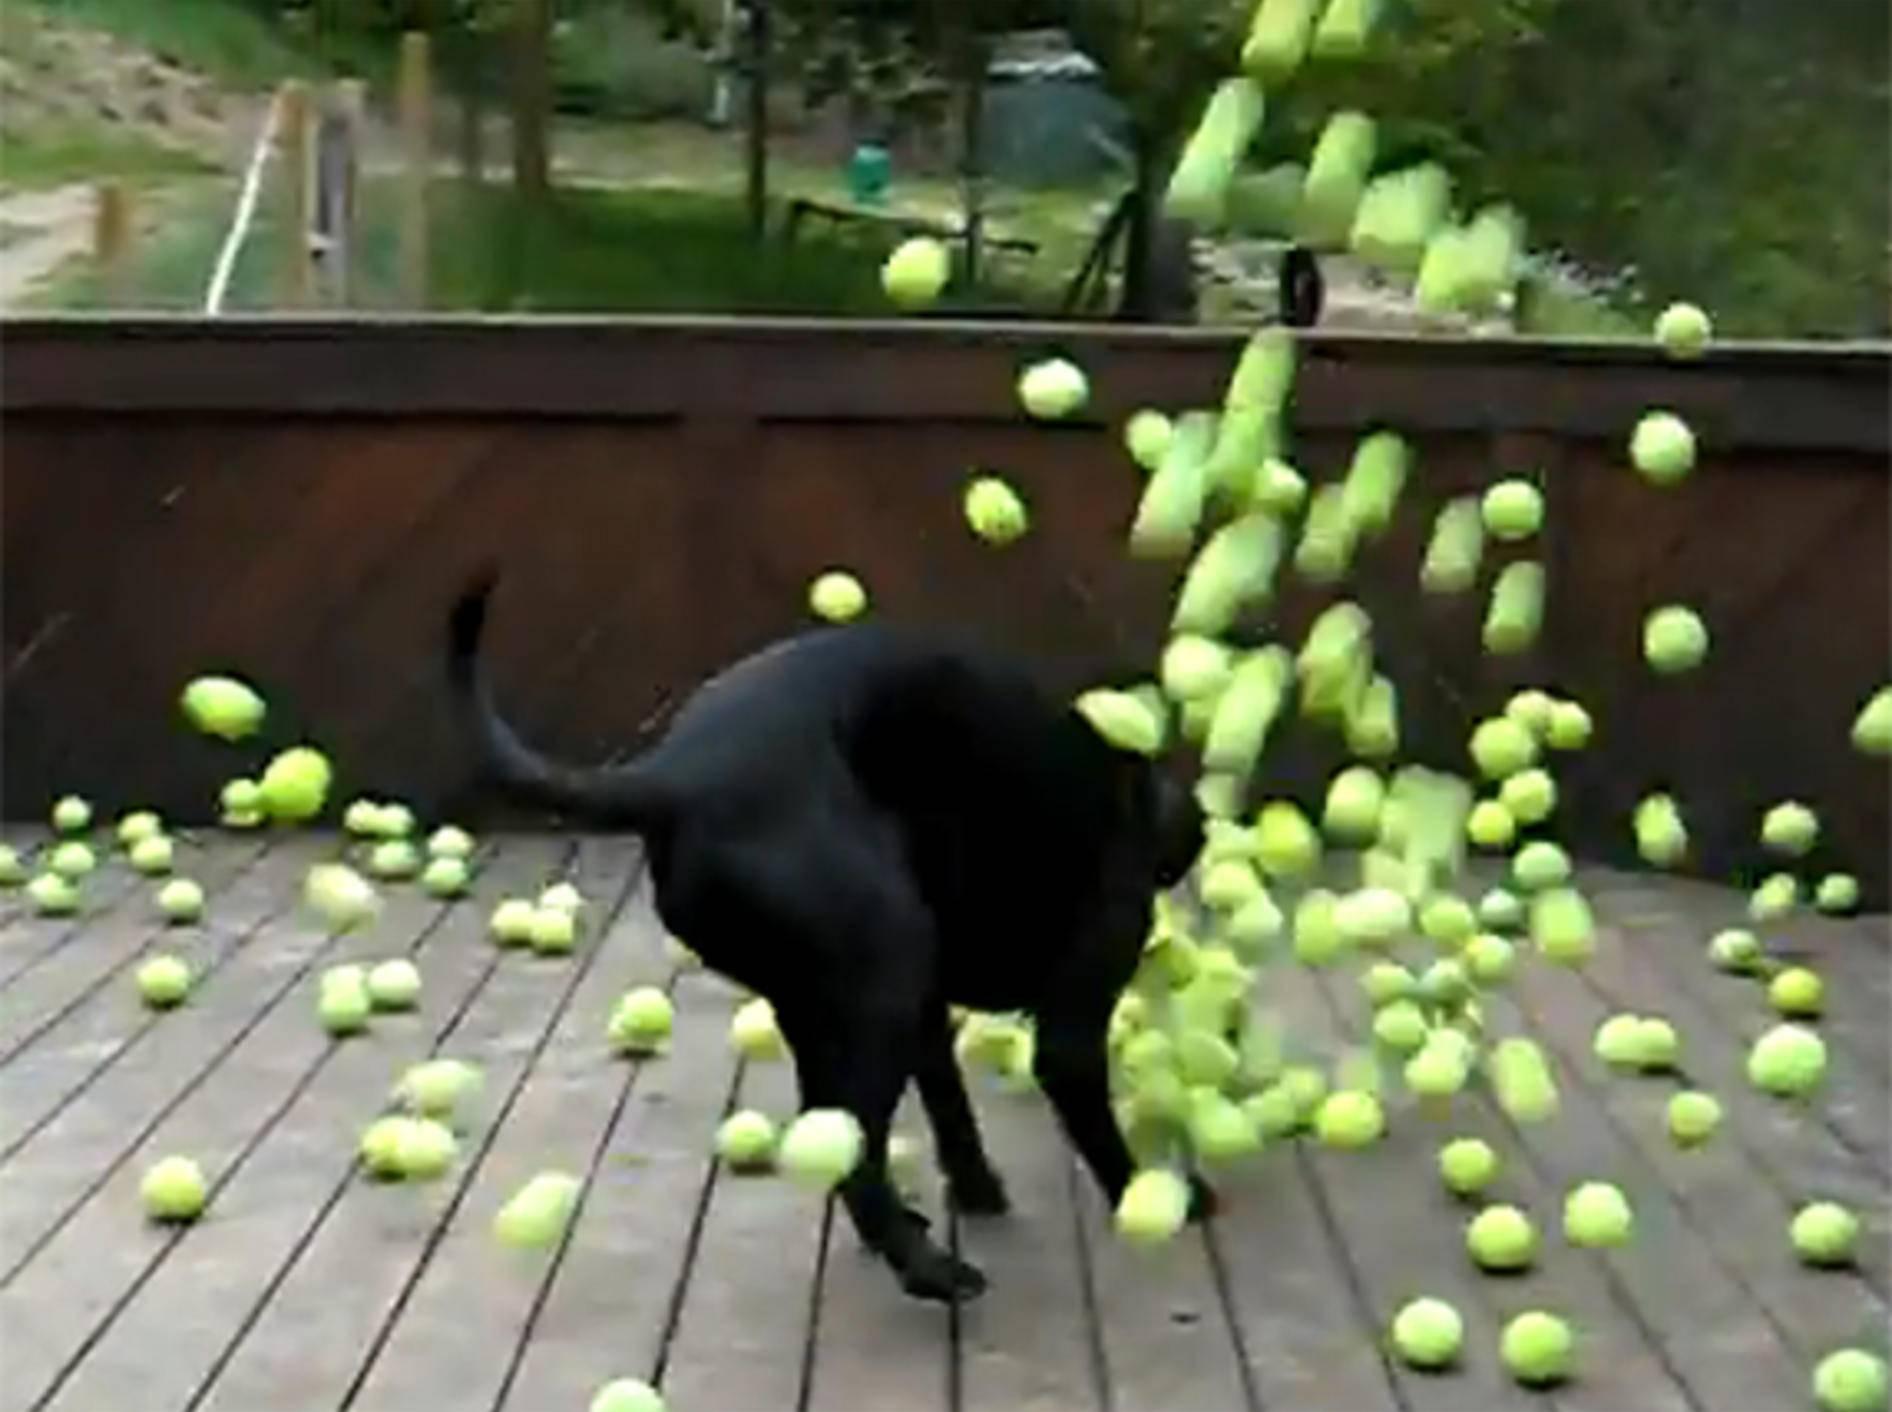 Schwarzer-Hund-Tennisbaelle-Spielen